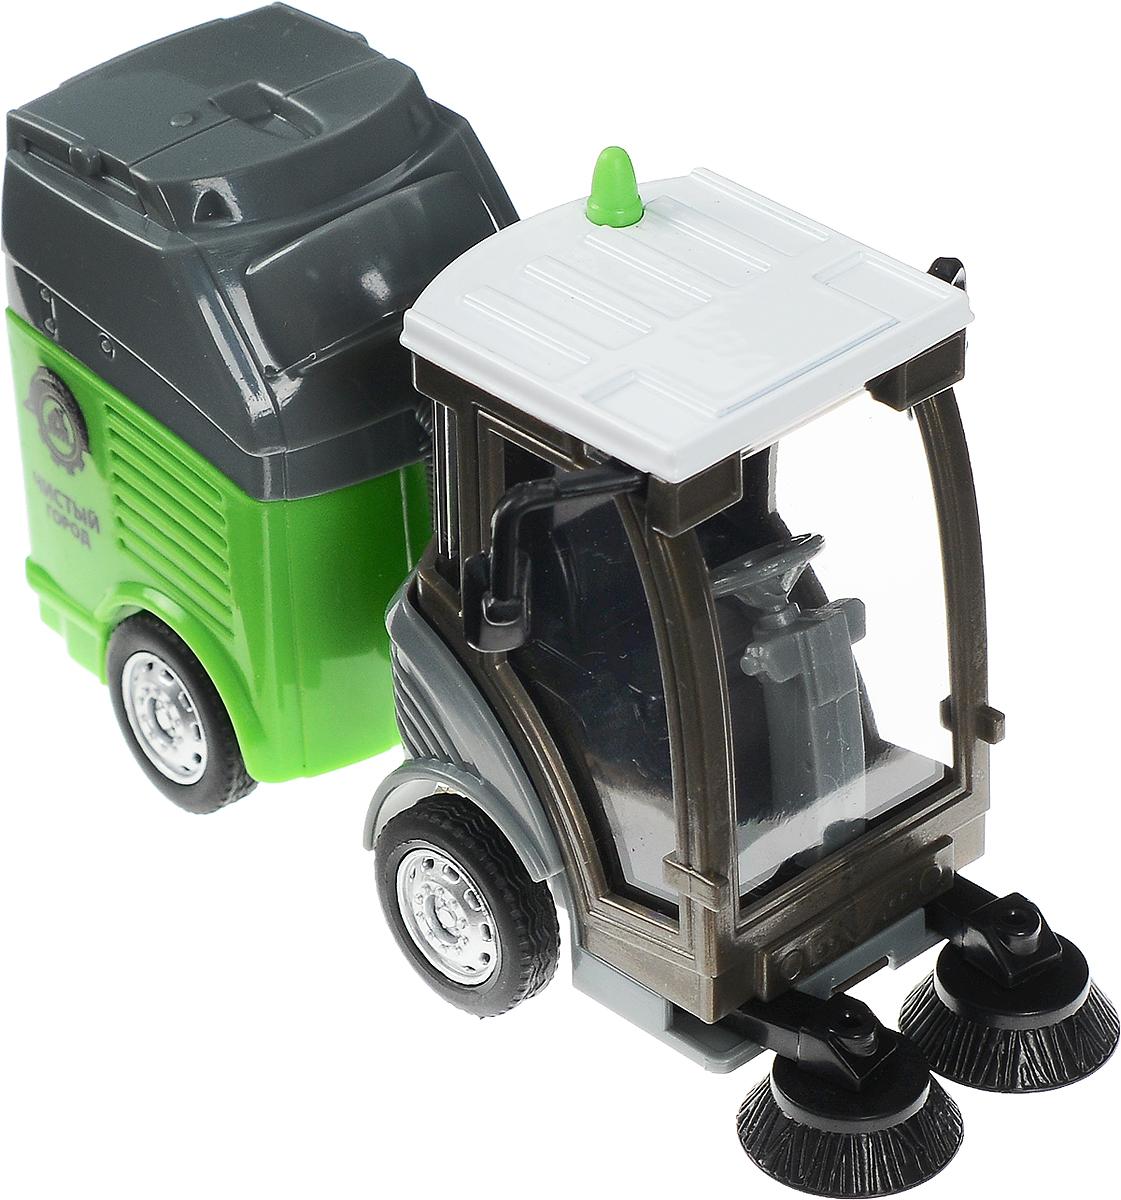 Технопарк Вакуумно-уборочная машинаU1401C-1Вакуумно-уборочная машина Технопарк научит ребенка чистоте уже с самого раннего детства. Игрушка познакомит ребенка с видом спецтехники, который будет содержать игрушечный городок ребенка в чистоте. Машинка отлично детализирована, что делает игру с ней еще интереснее. Игрушка имеет приятную серо-зеленую расцветку и интересный дизайн. Благодаря прозрачным стеклам можно рассмотреть тщательно исполненную кабину водителя. Модель снабжена подвижными элементами. Колеса оснащены свободным ходом. В набор с машиной входит мусорный контейнер, крышку которого можно открывать и закрывать. Благодаря данной машине маленькие фантазеры придумают множество увлекательных сюжетов для игры, развивающих воображение и тренирующих координацию движений и моторику рук.